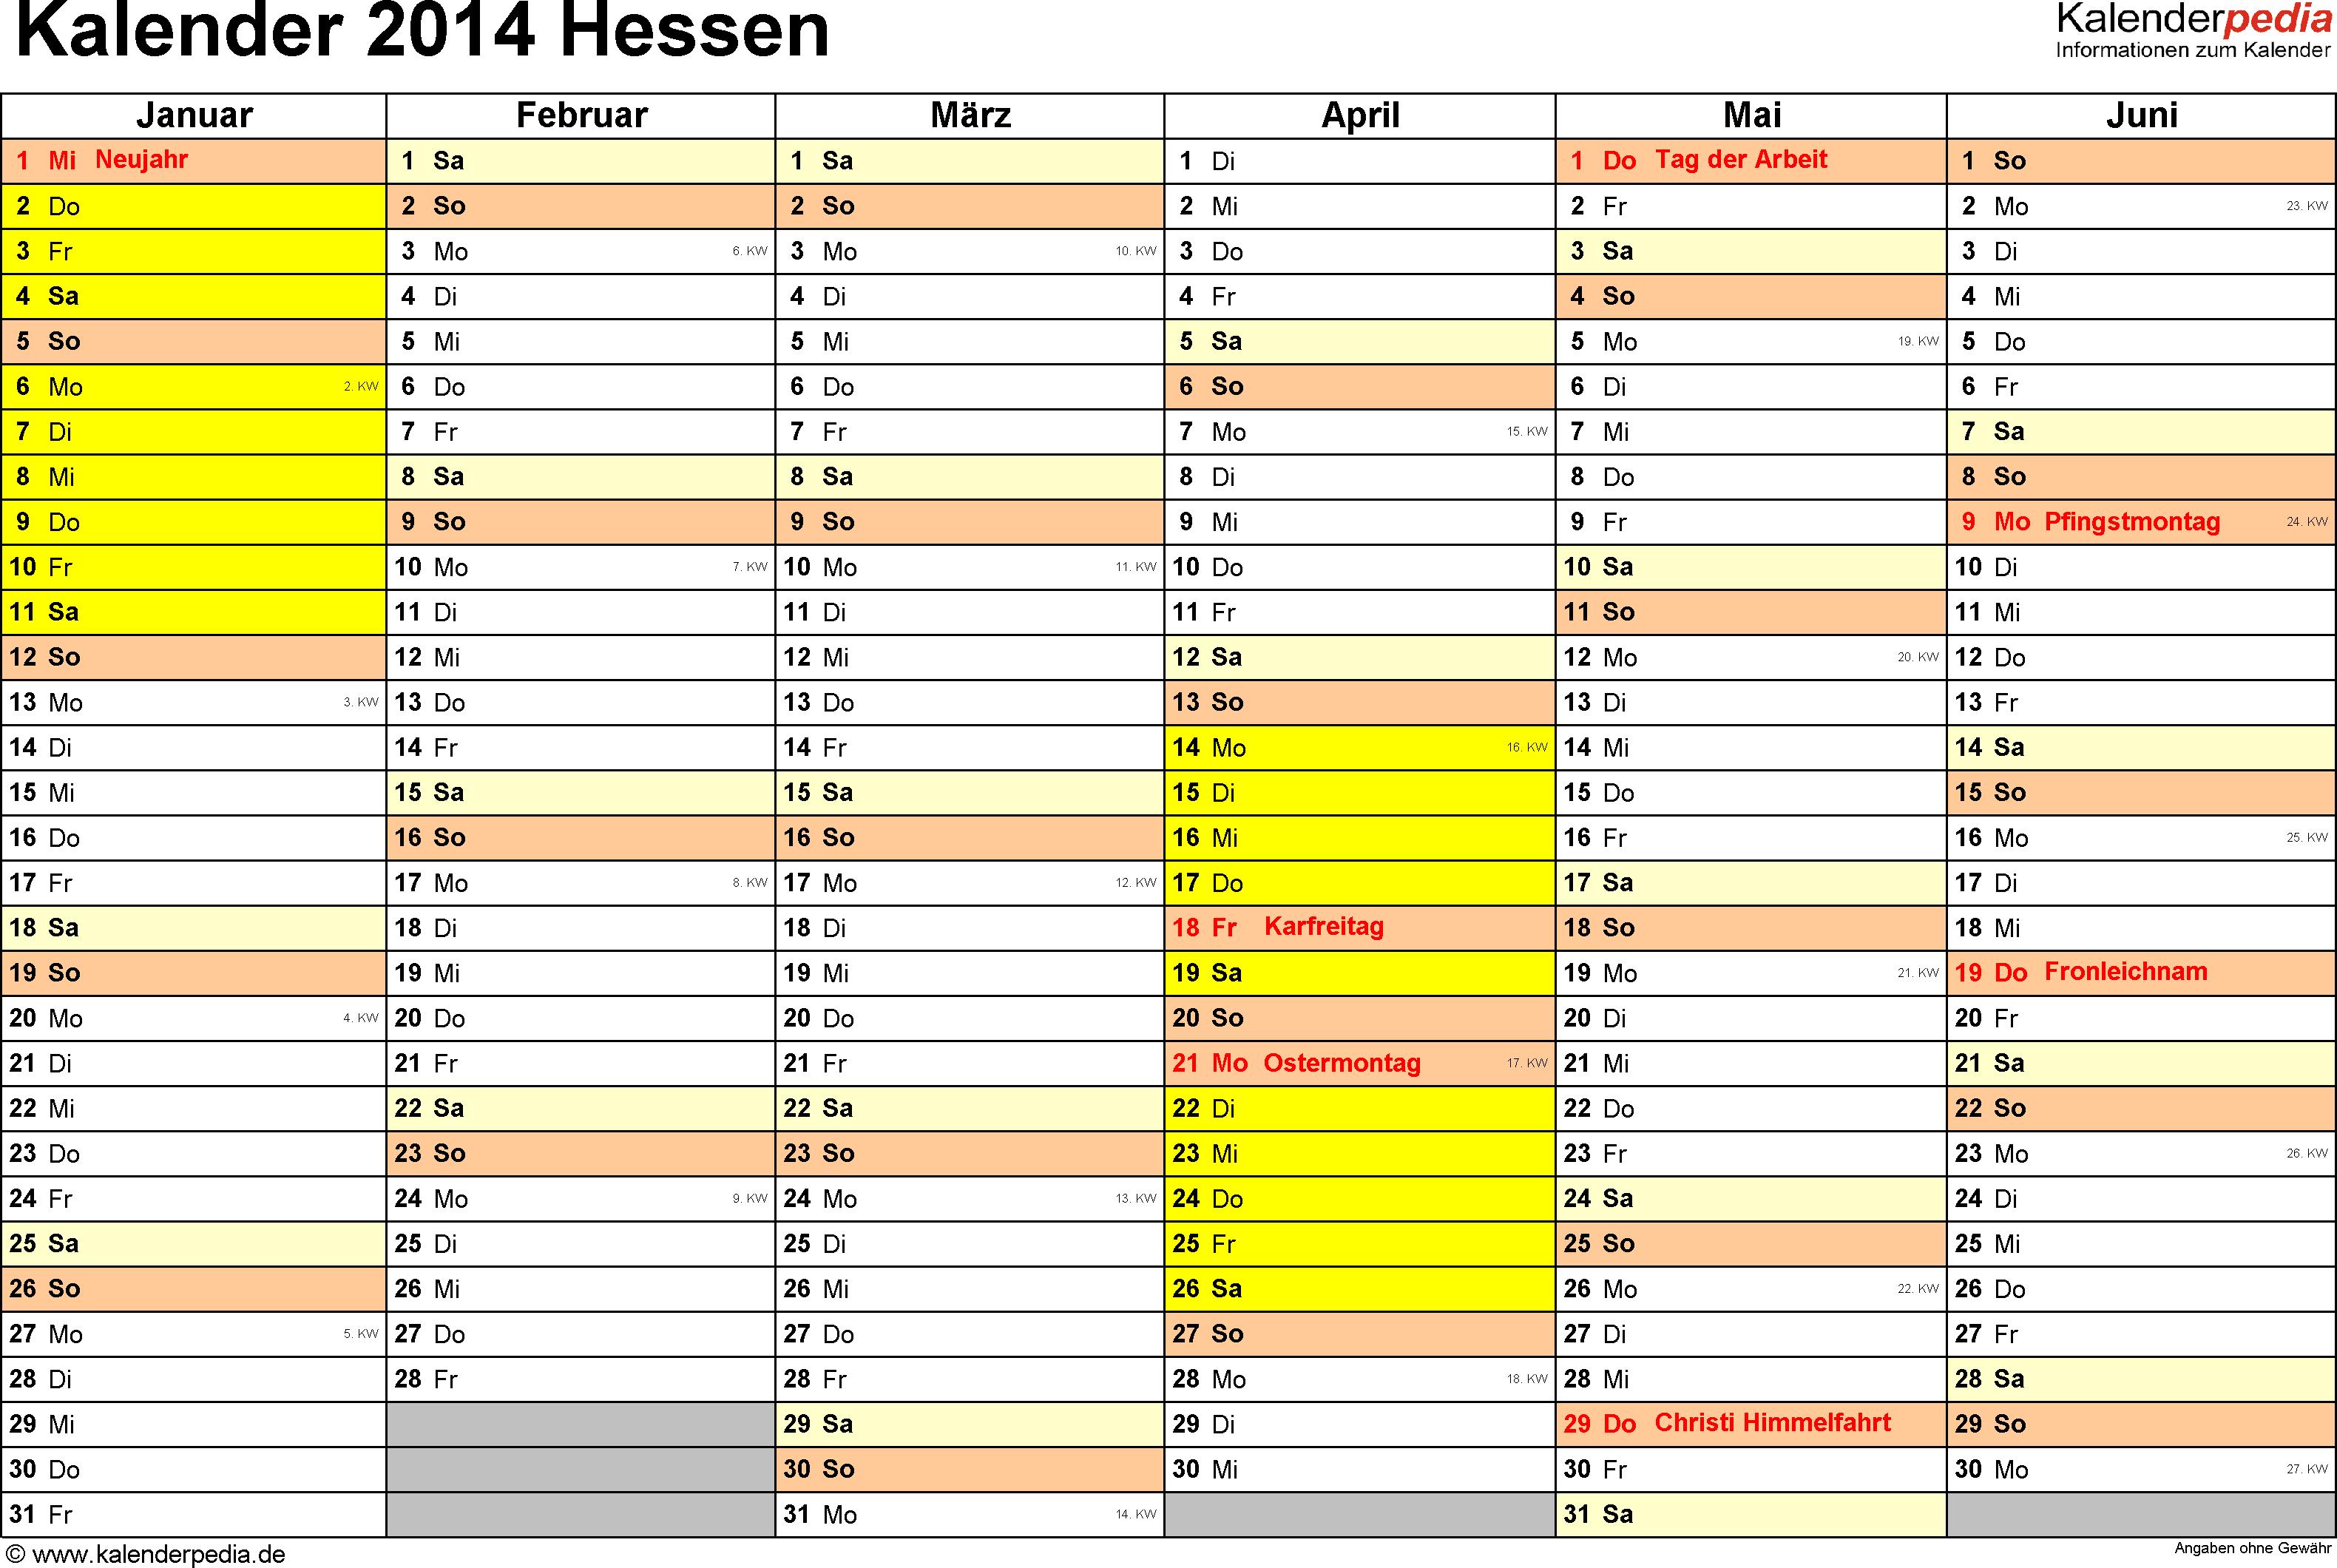 Vorlage 2: Kalender 2014 für Hessen als Word-Vorlage (Querformat, 2 Seiten)